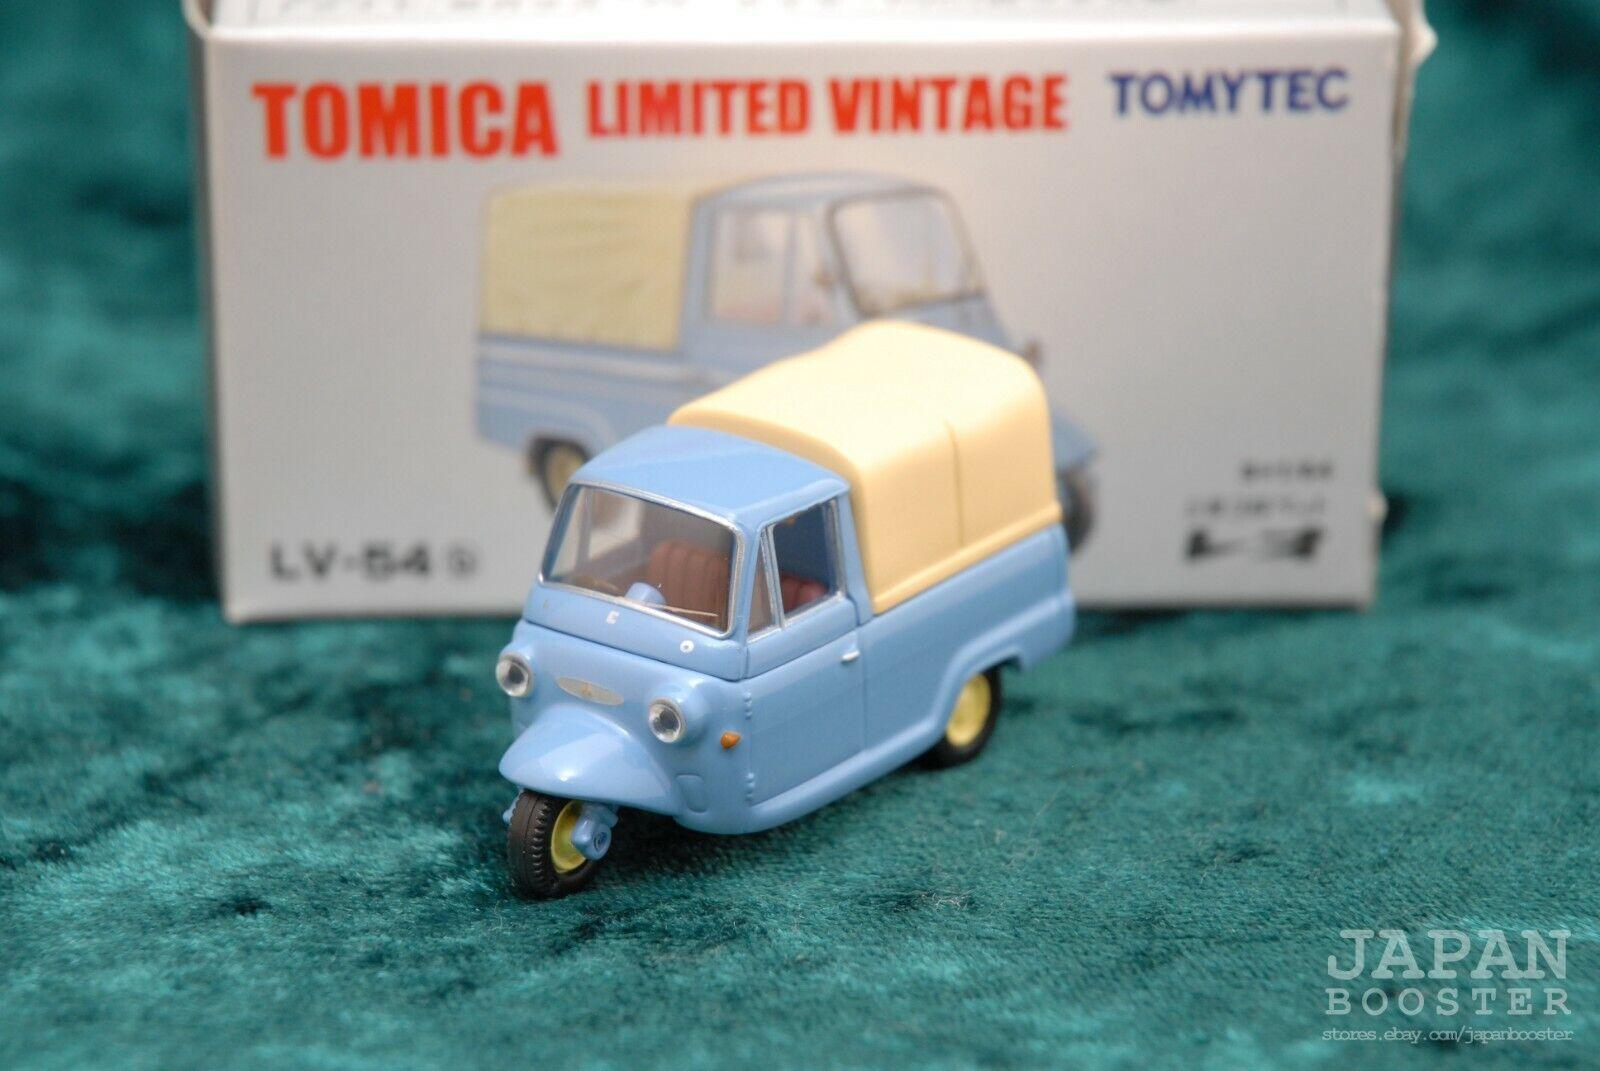 Tomytec Tomy Tomica Vintage Limited Lv 54b Mitsubishi Pet Leo 1 64 For Sale Online Ebay